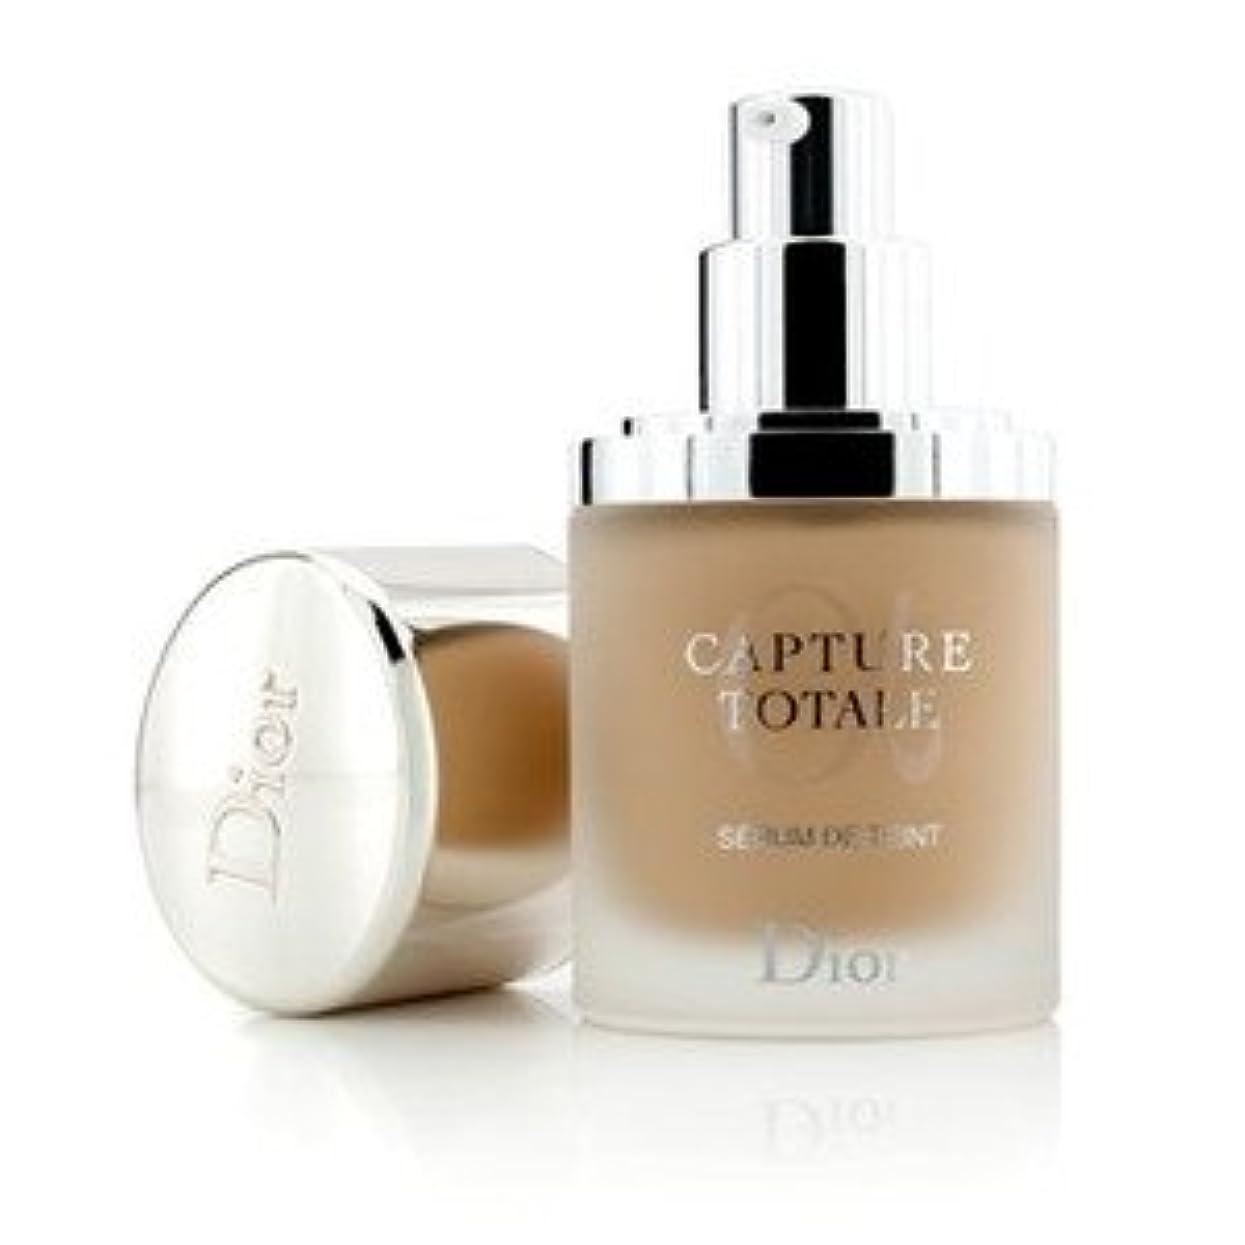 相対サイズ相談する舌Dior(ディオール) カプチュール トータル トリプル コレクティング セラム ファンデーション SPF25 #020 Light Beige 30ml/1oz [並行輸入品]